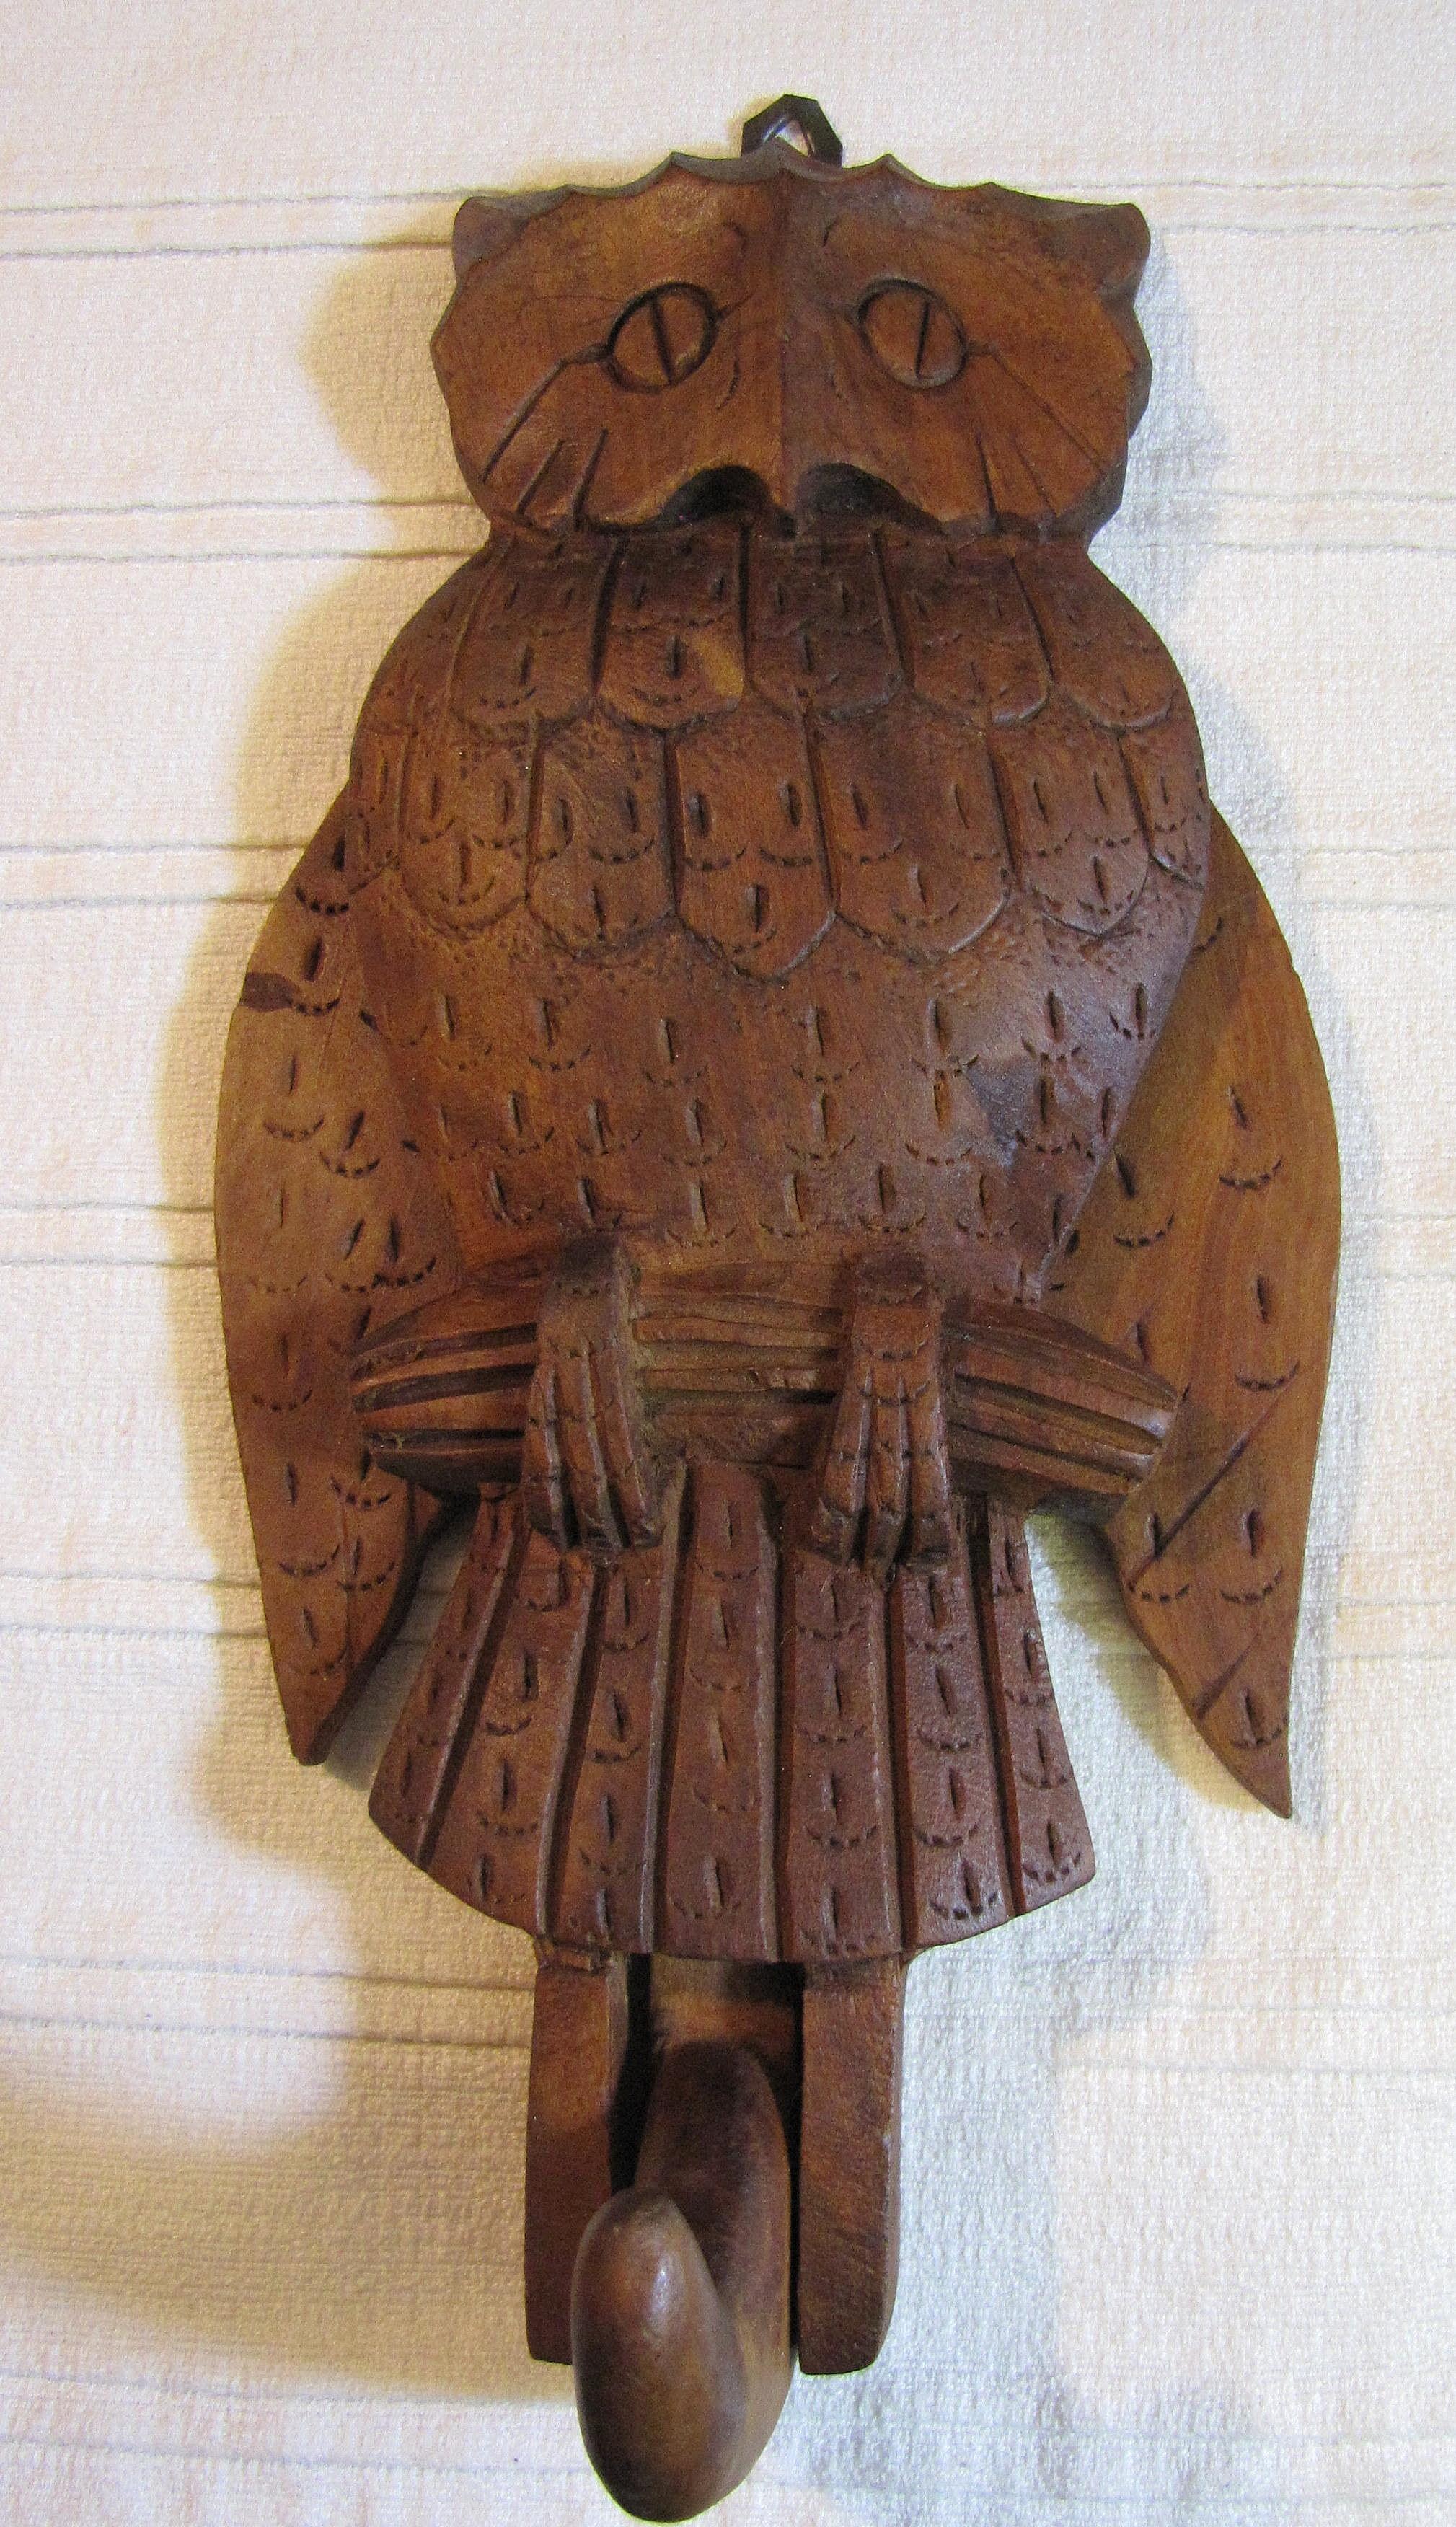 Harris october vintage hand carved wooden folk art owl